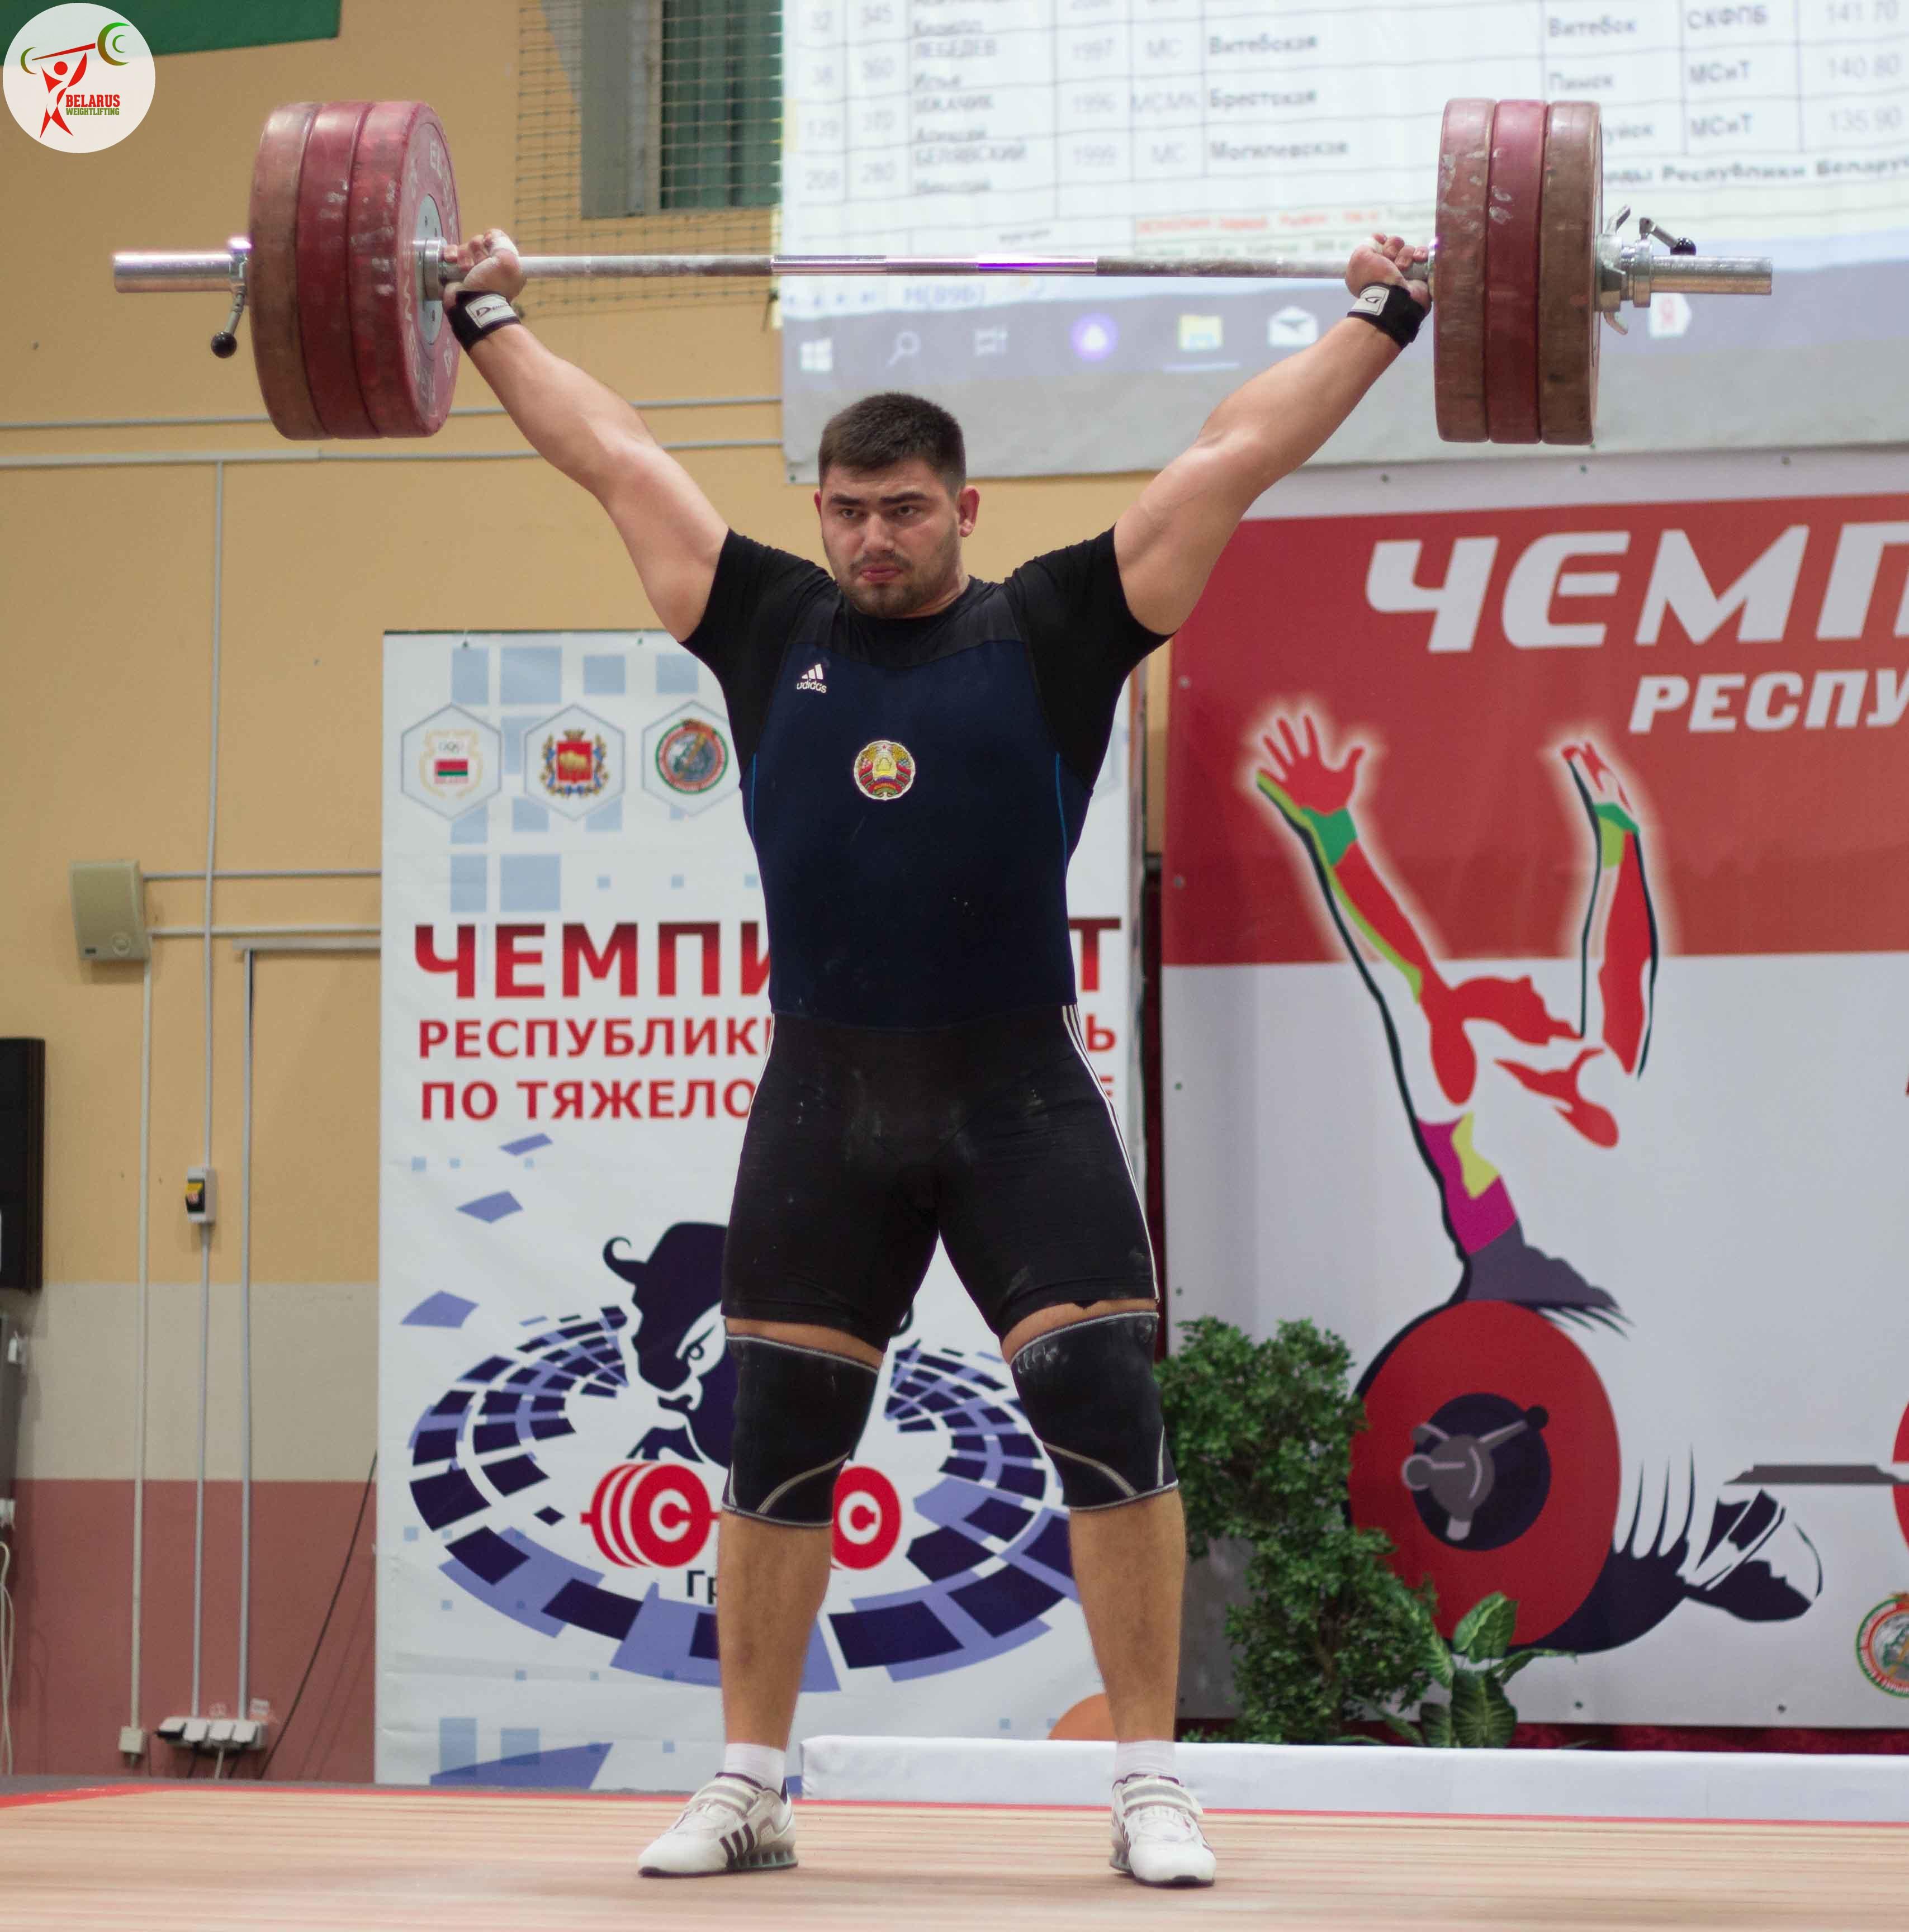 Олексій Мжачік